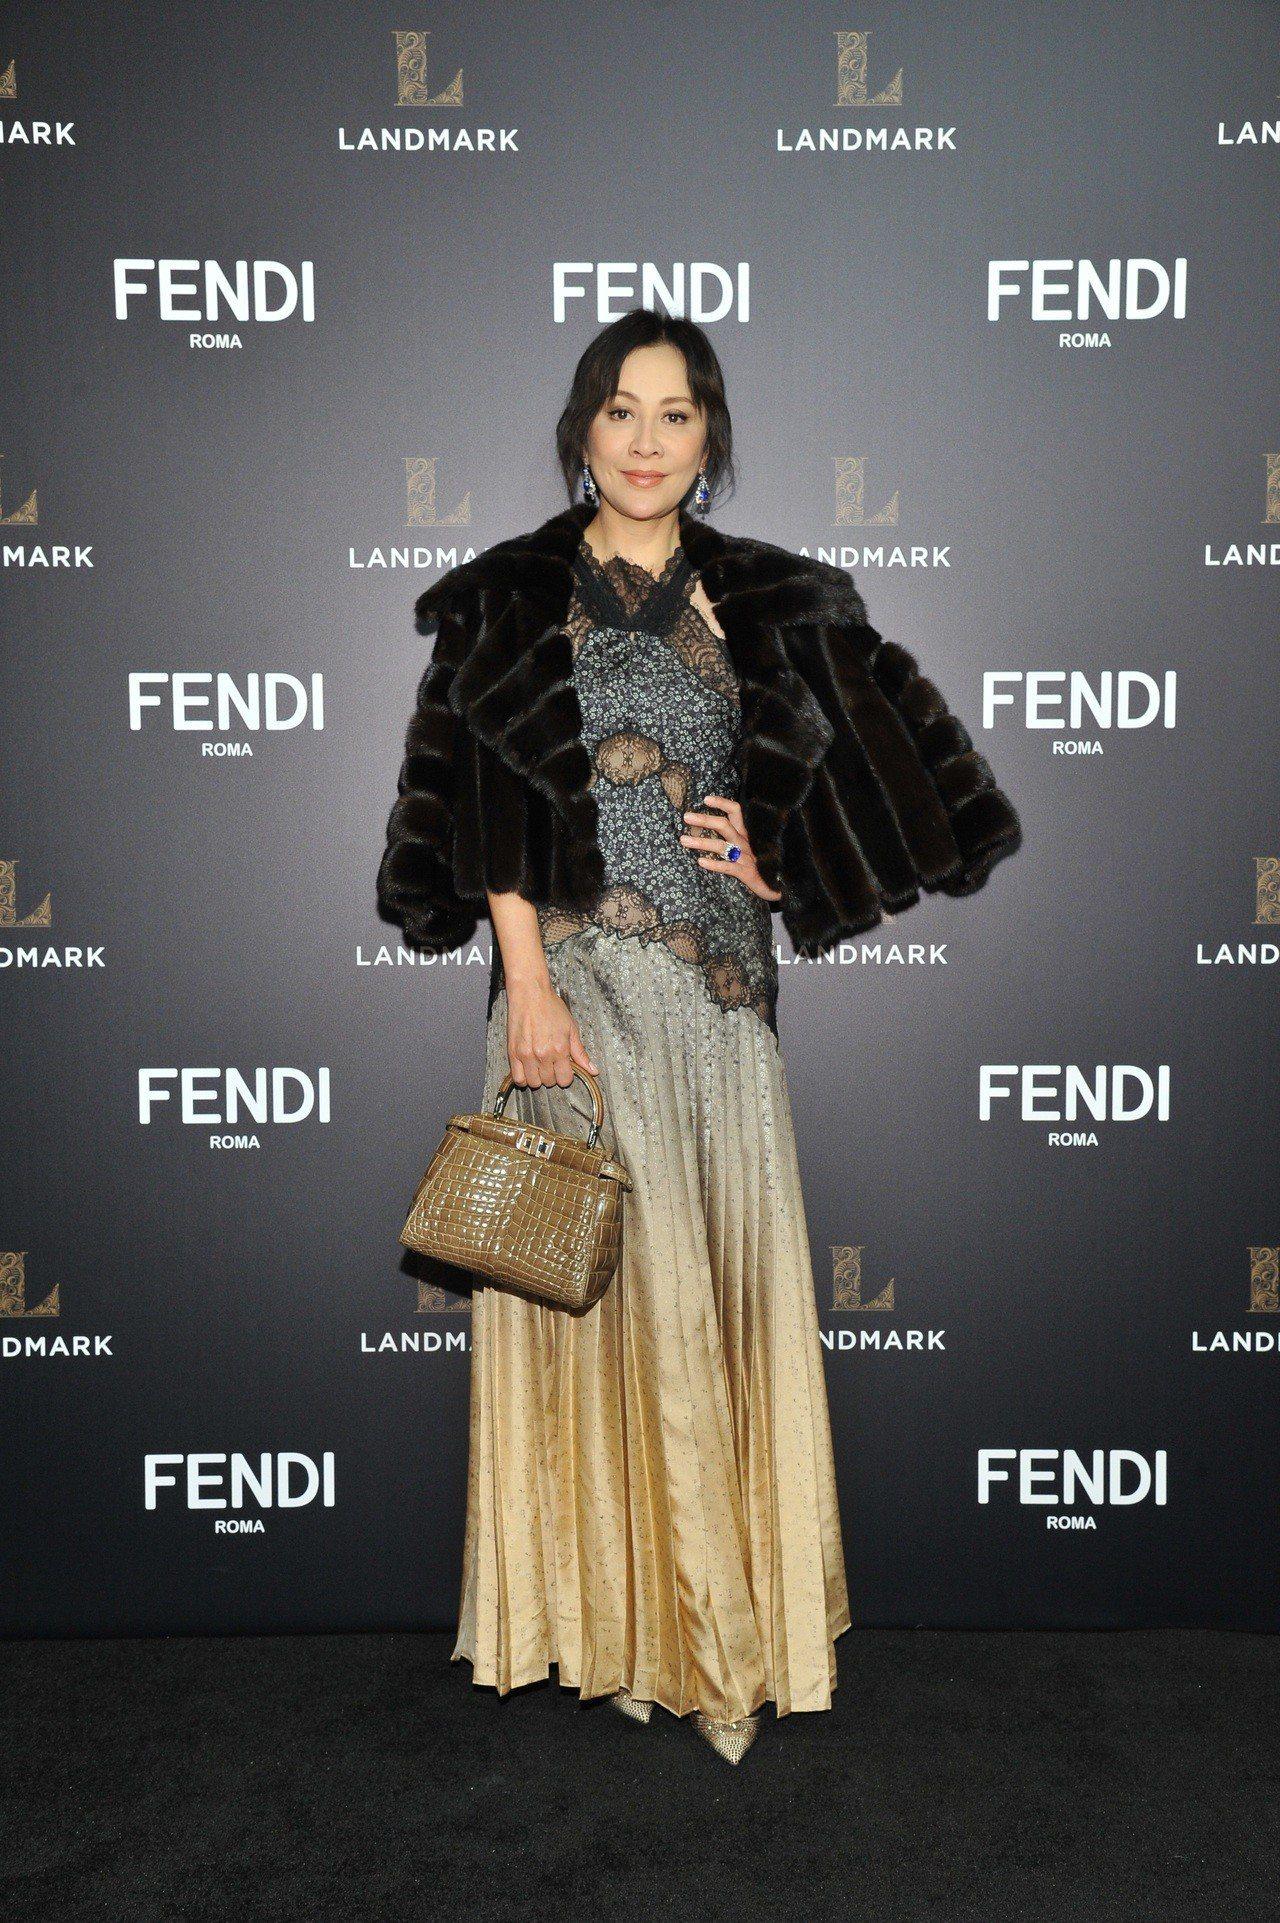 劉嘉玲以皮草配襯鏤空禮服,性感華麗,遠拍、近看都美得自體發光。圖/FENDI提供